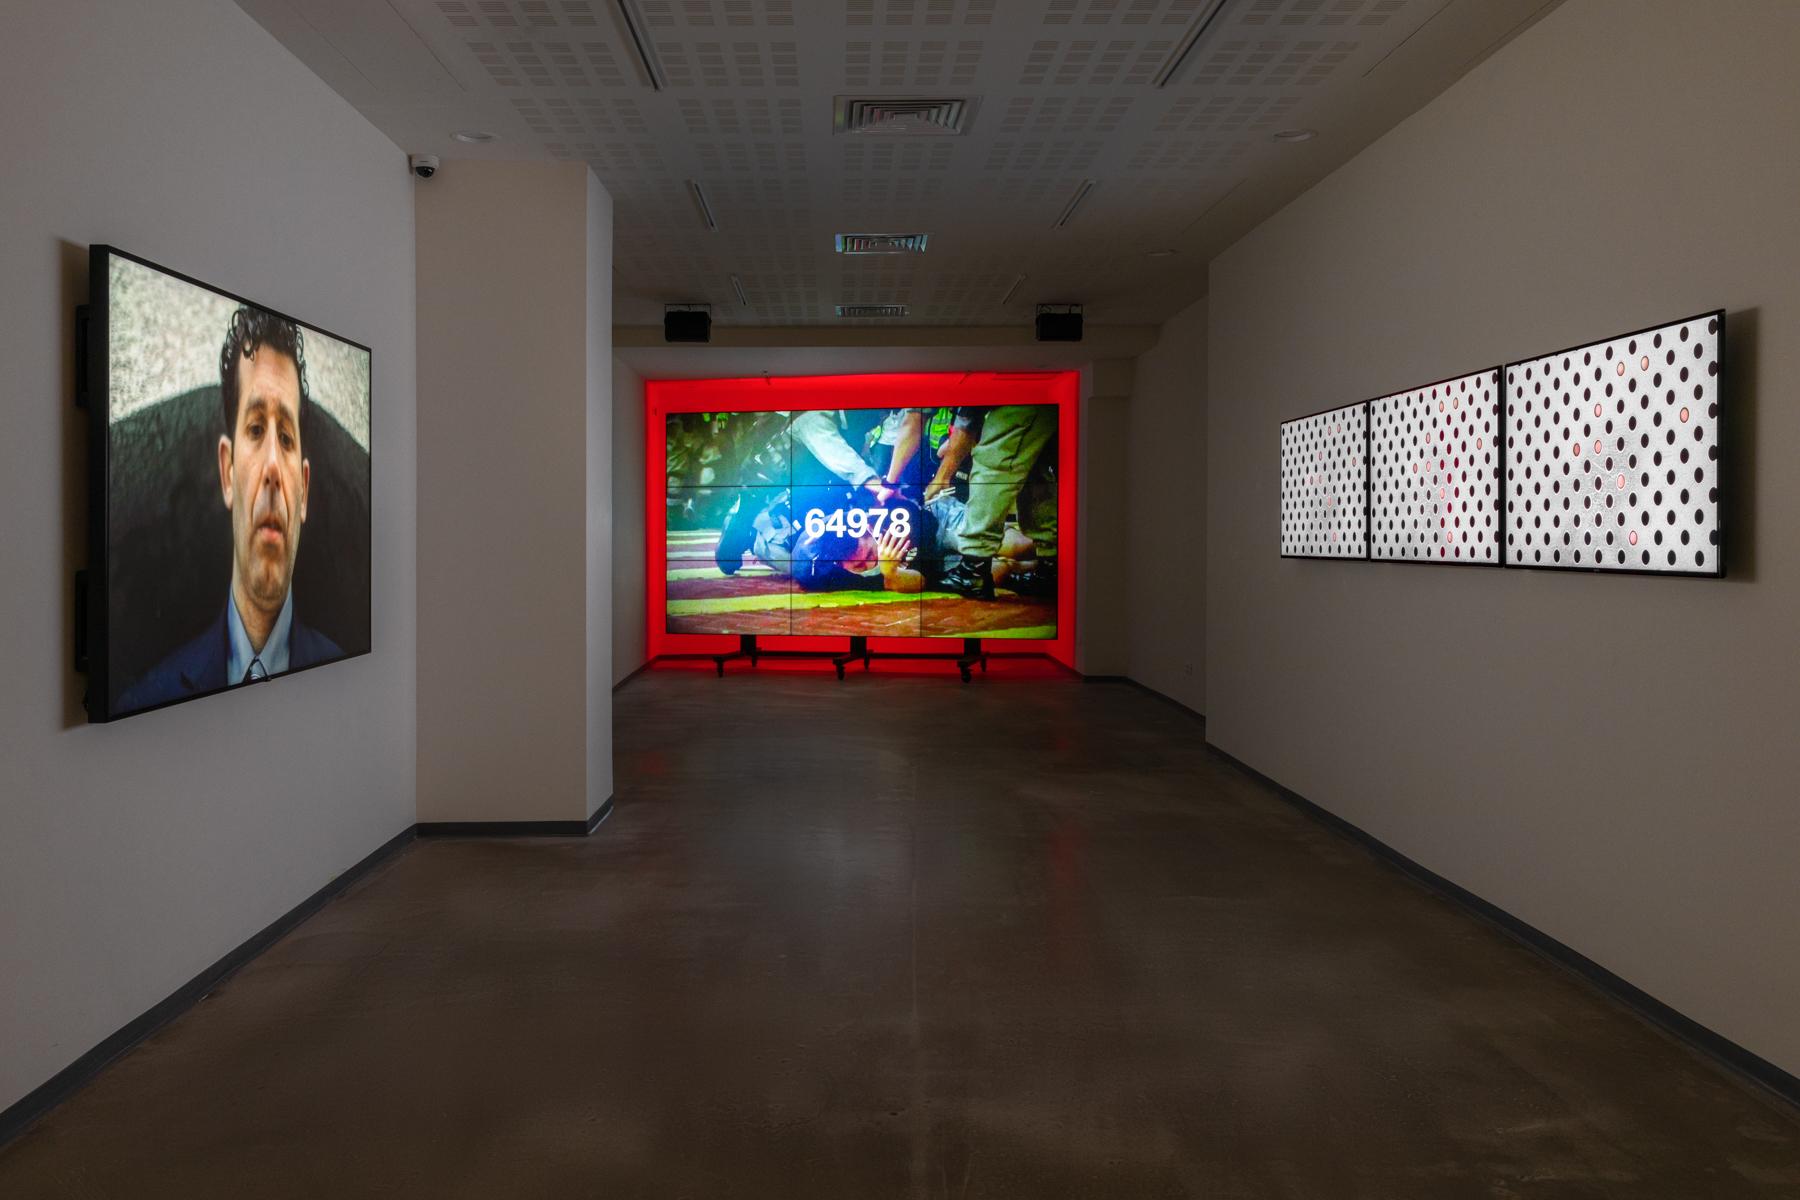 גלריה אחד העם 9 הגלריה החדשה של סמינר הקיבוצים